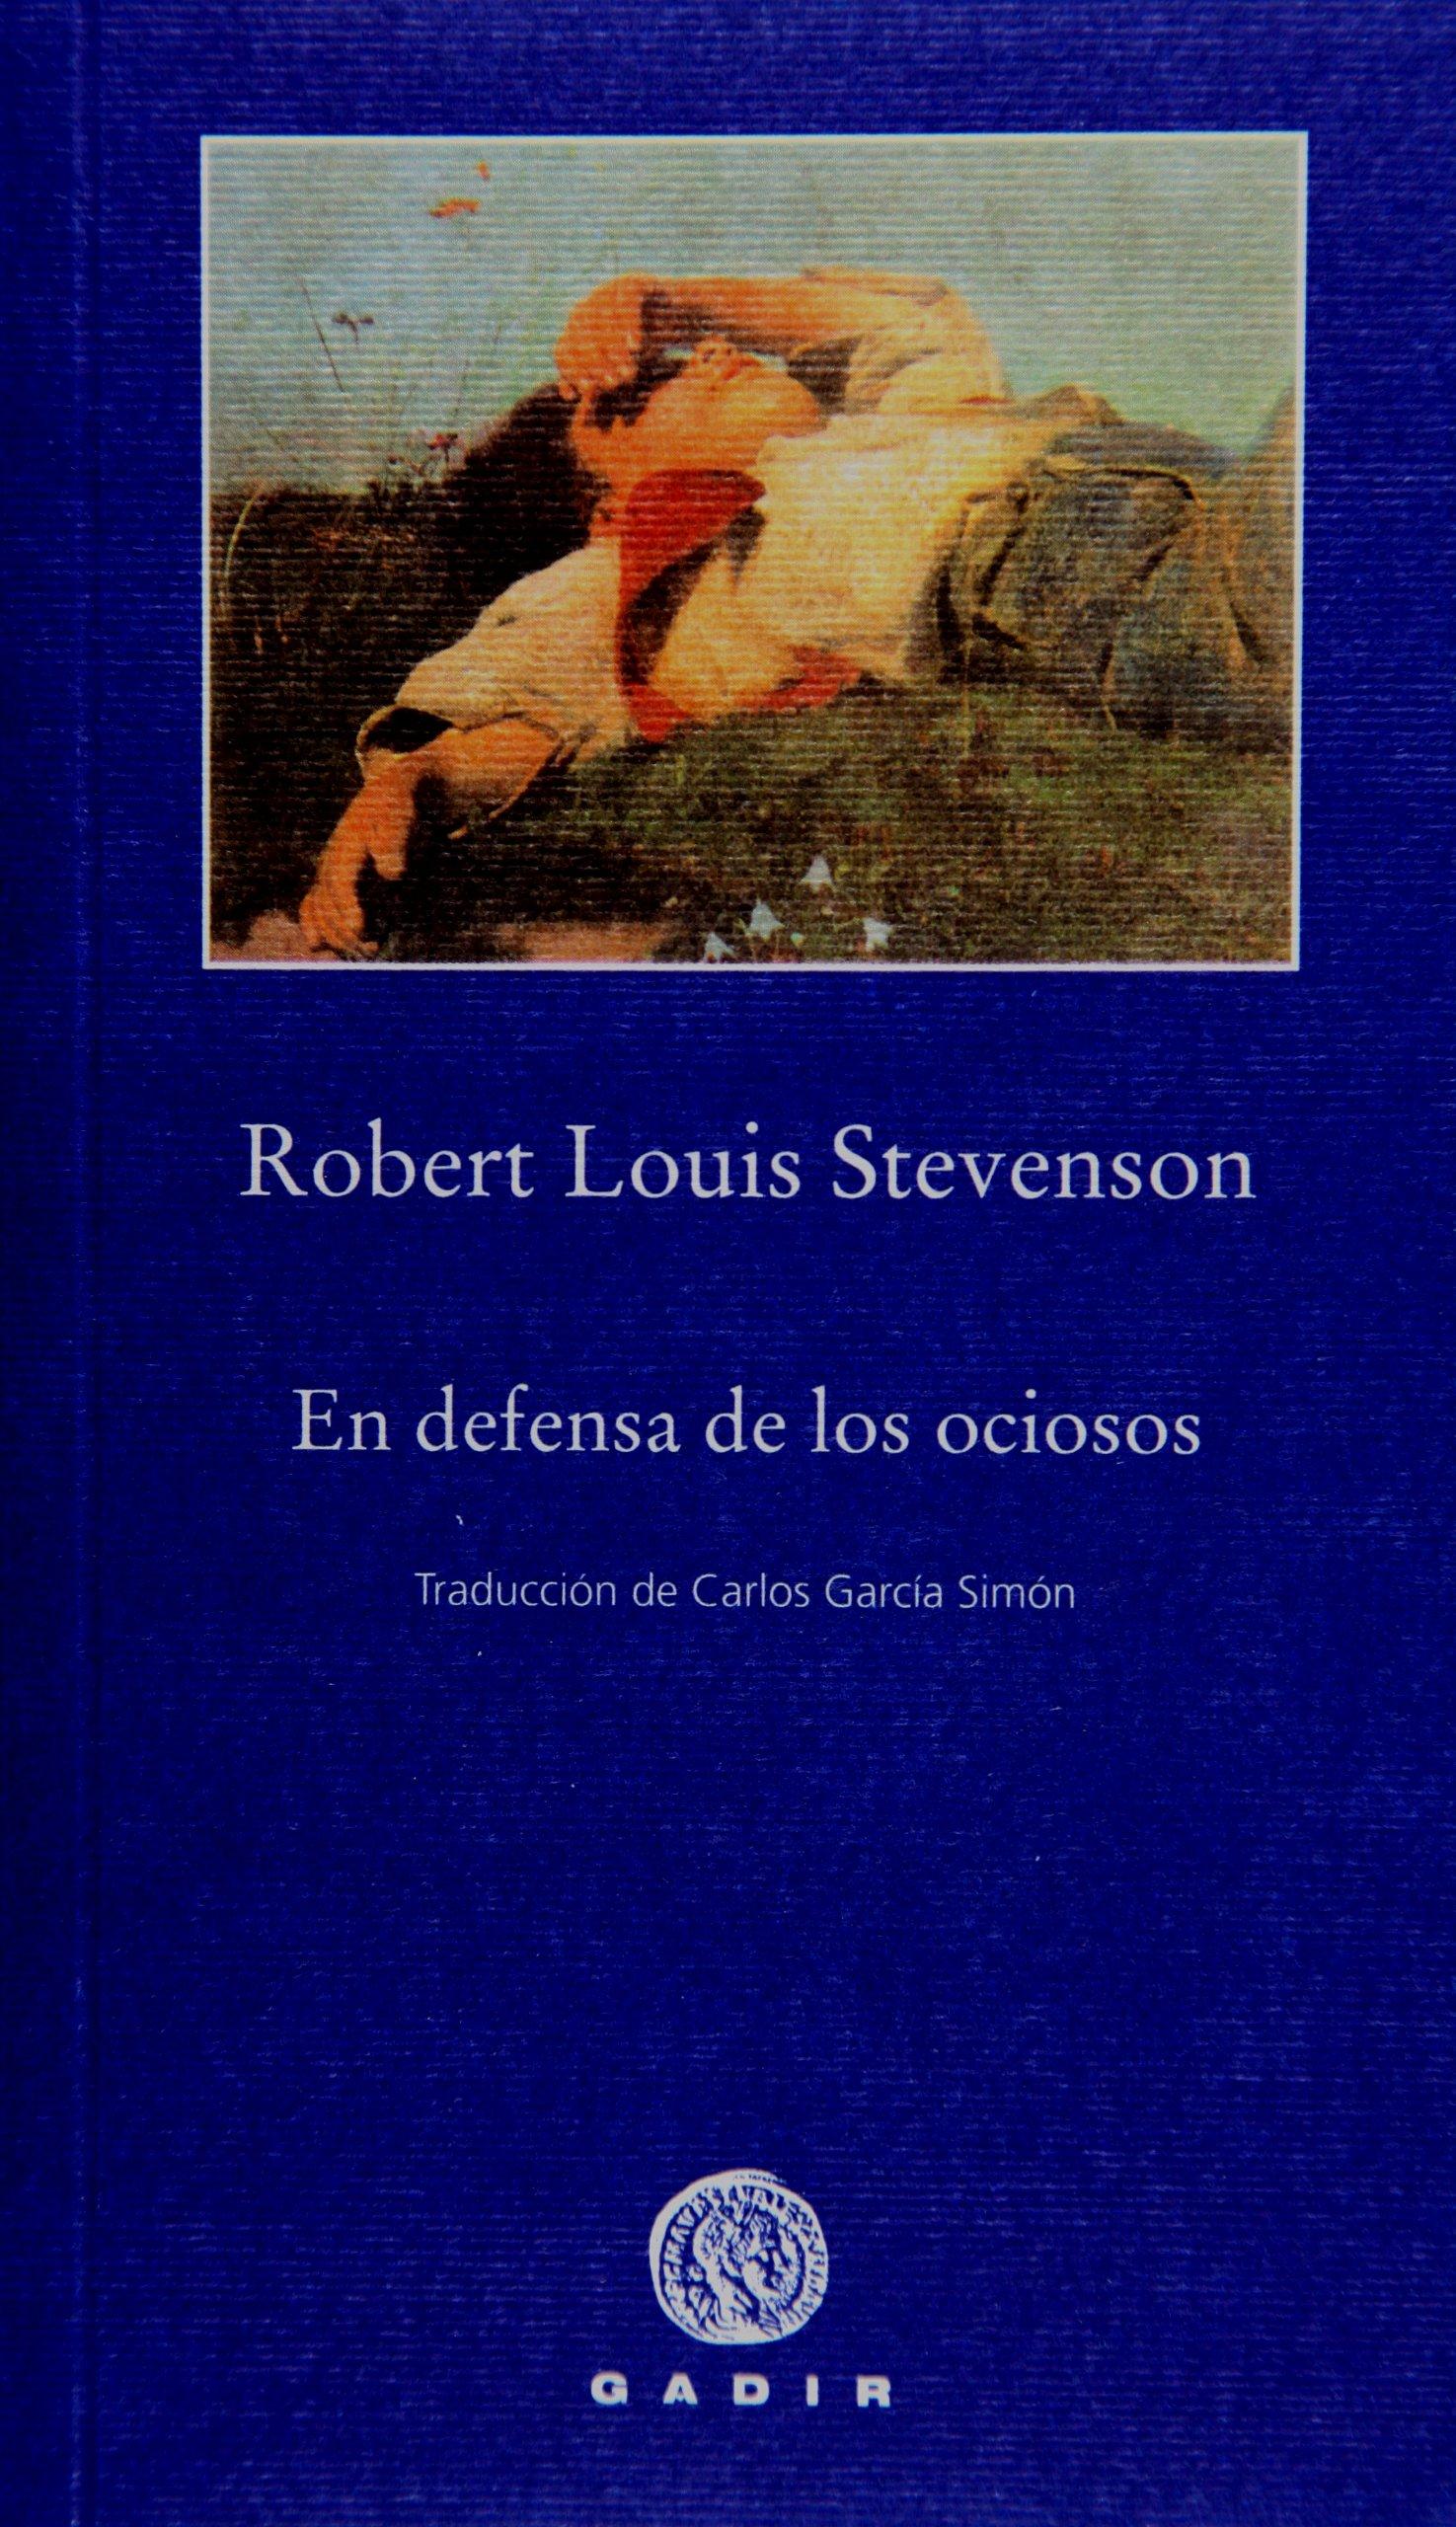 En defensa de los ociosos (Pequeña Biblioteca, Gadir): Amazon.es ...